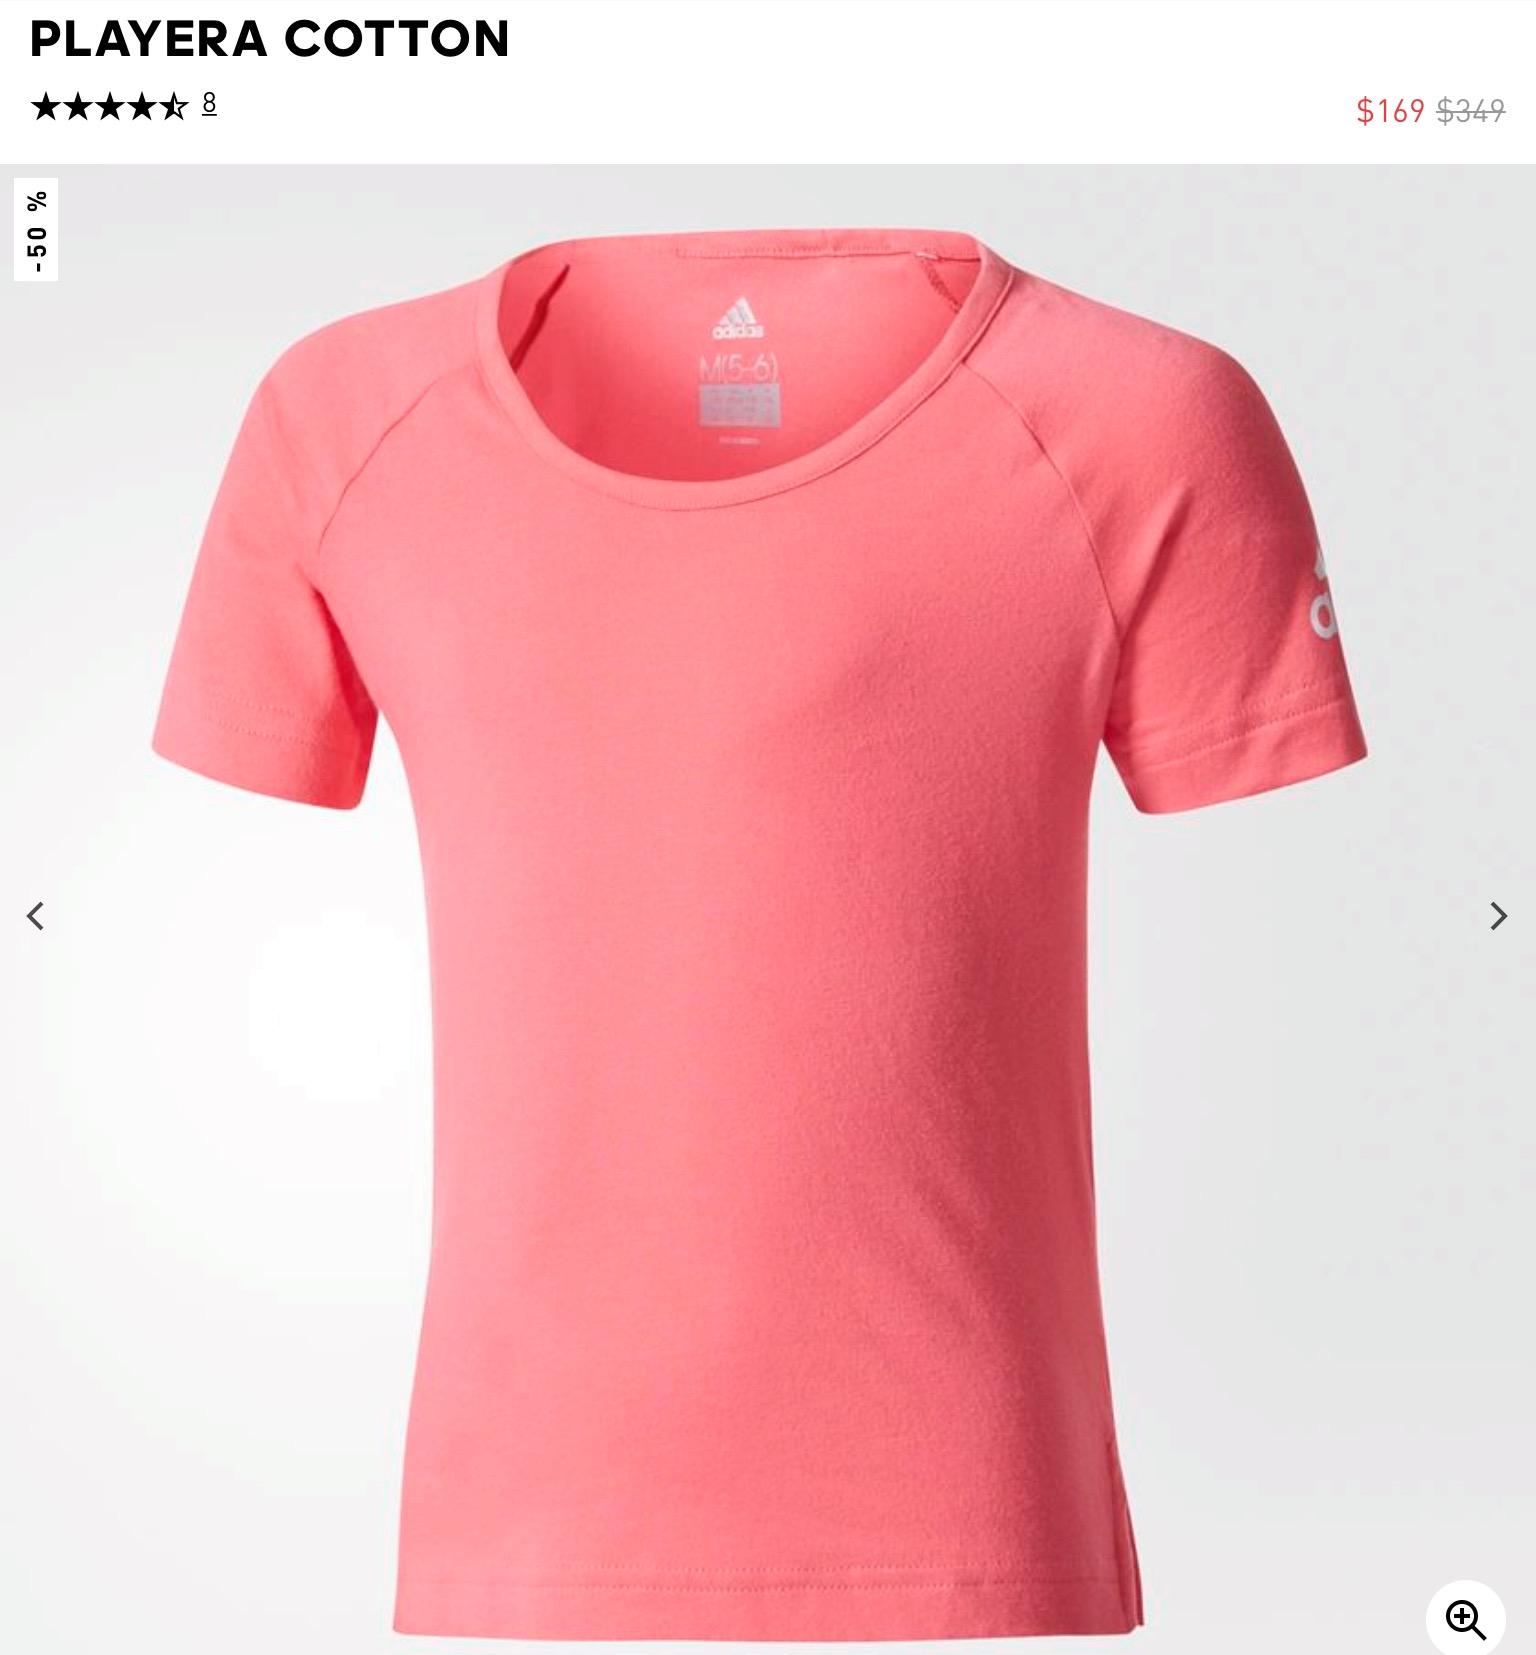 Adidas: Playera cotton rosa y variedad de playeras a $199